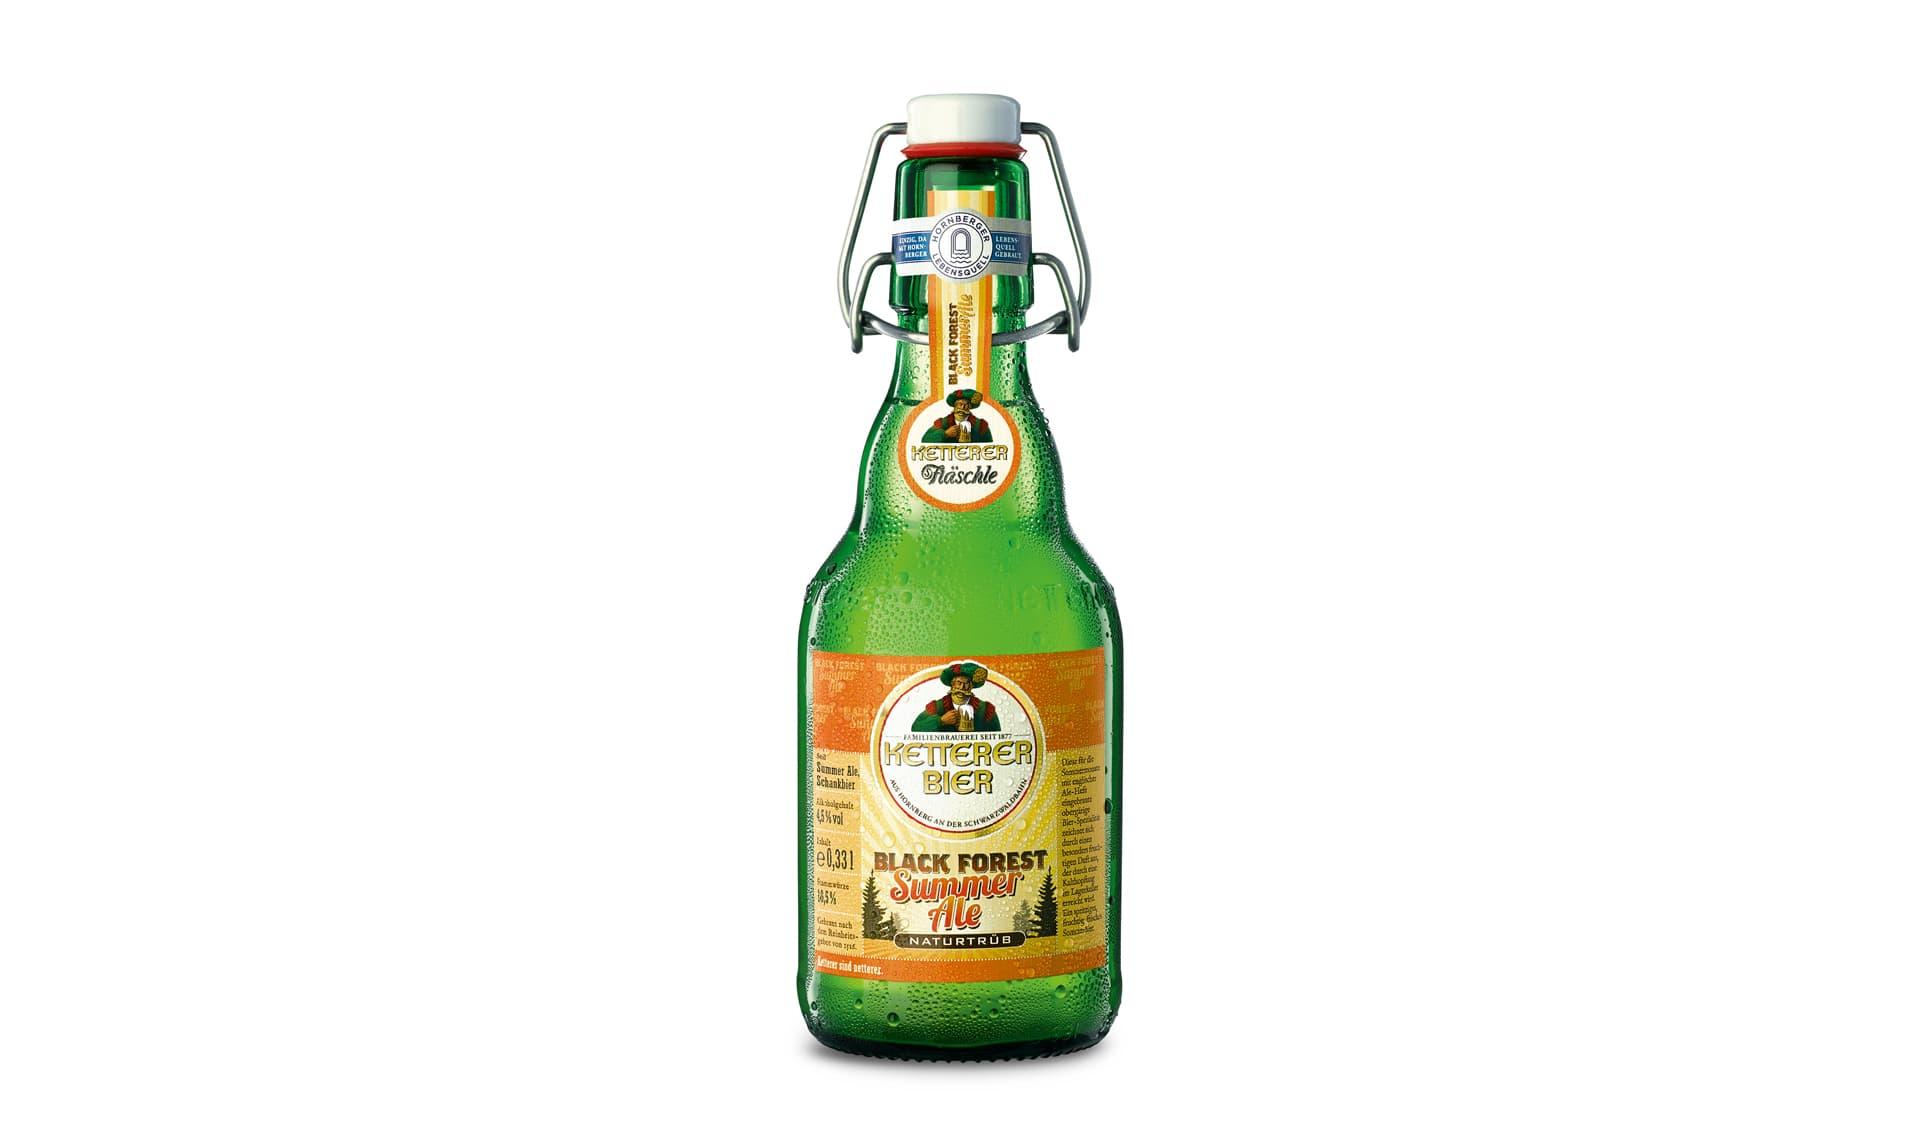 Hornberger Lebensquell Ketterer Summer Ale (www.kettererbier.de)